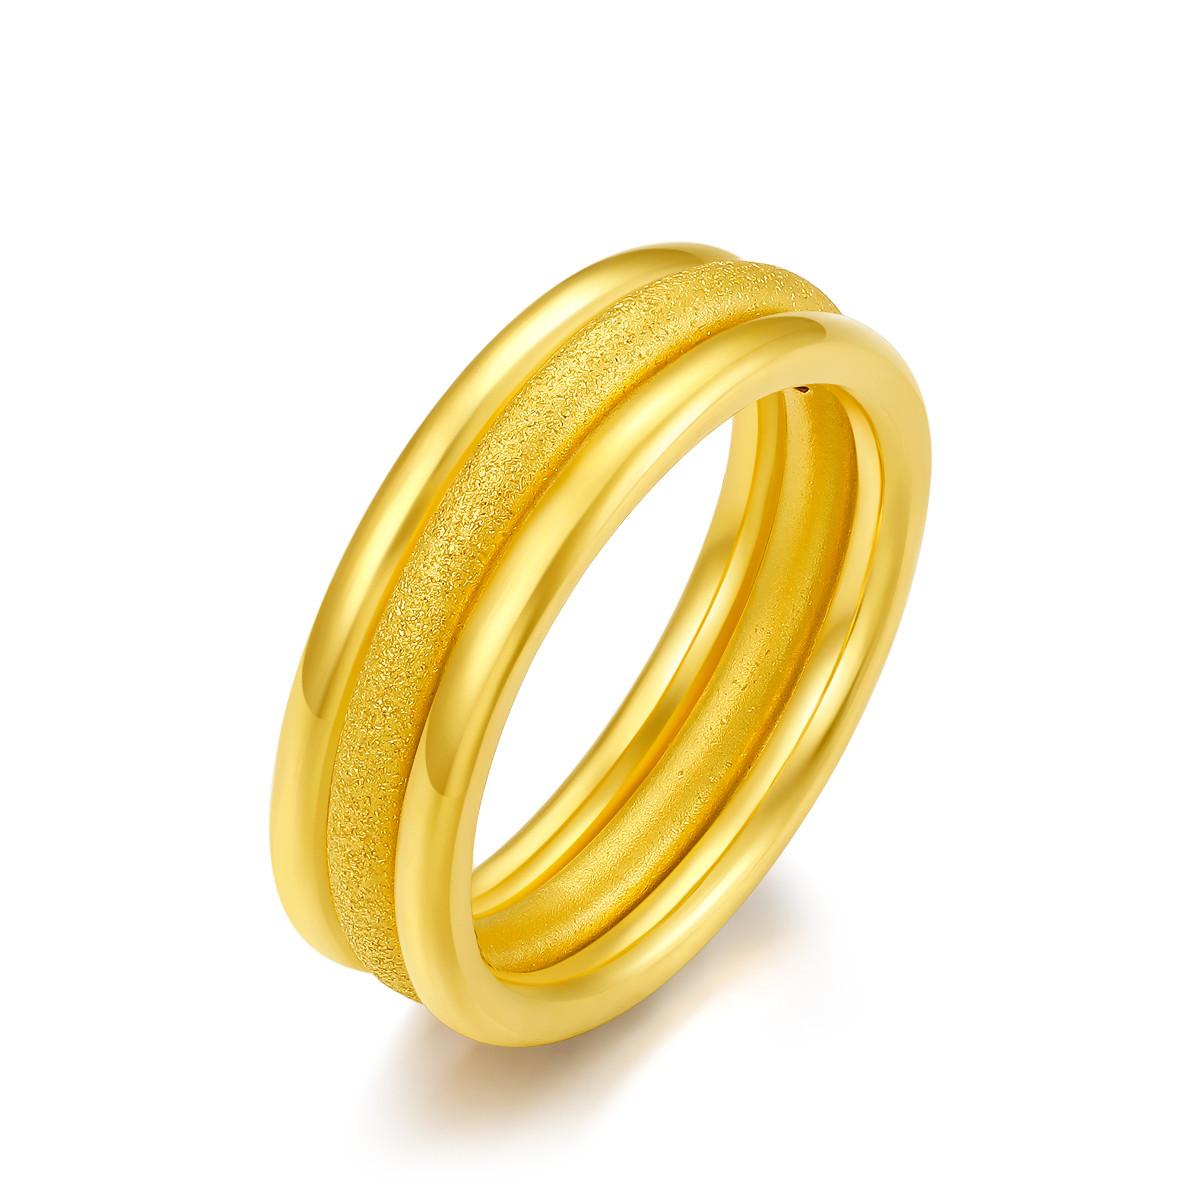 周六福【元旦礼物】周六福3D硬金戒指简约女士黄金戒指指环0129-HJJZ013